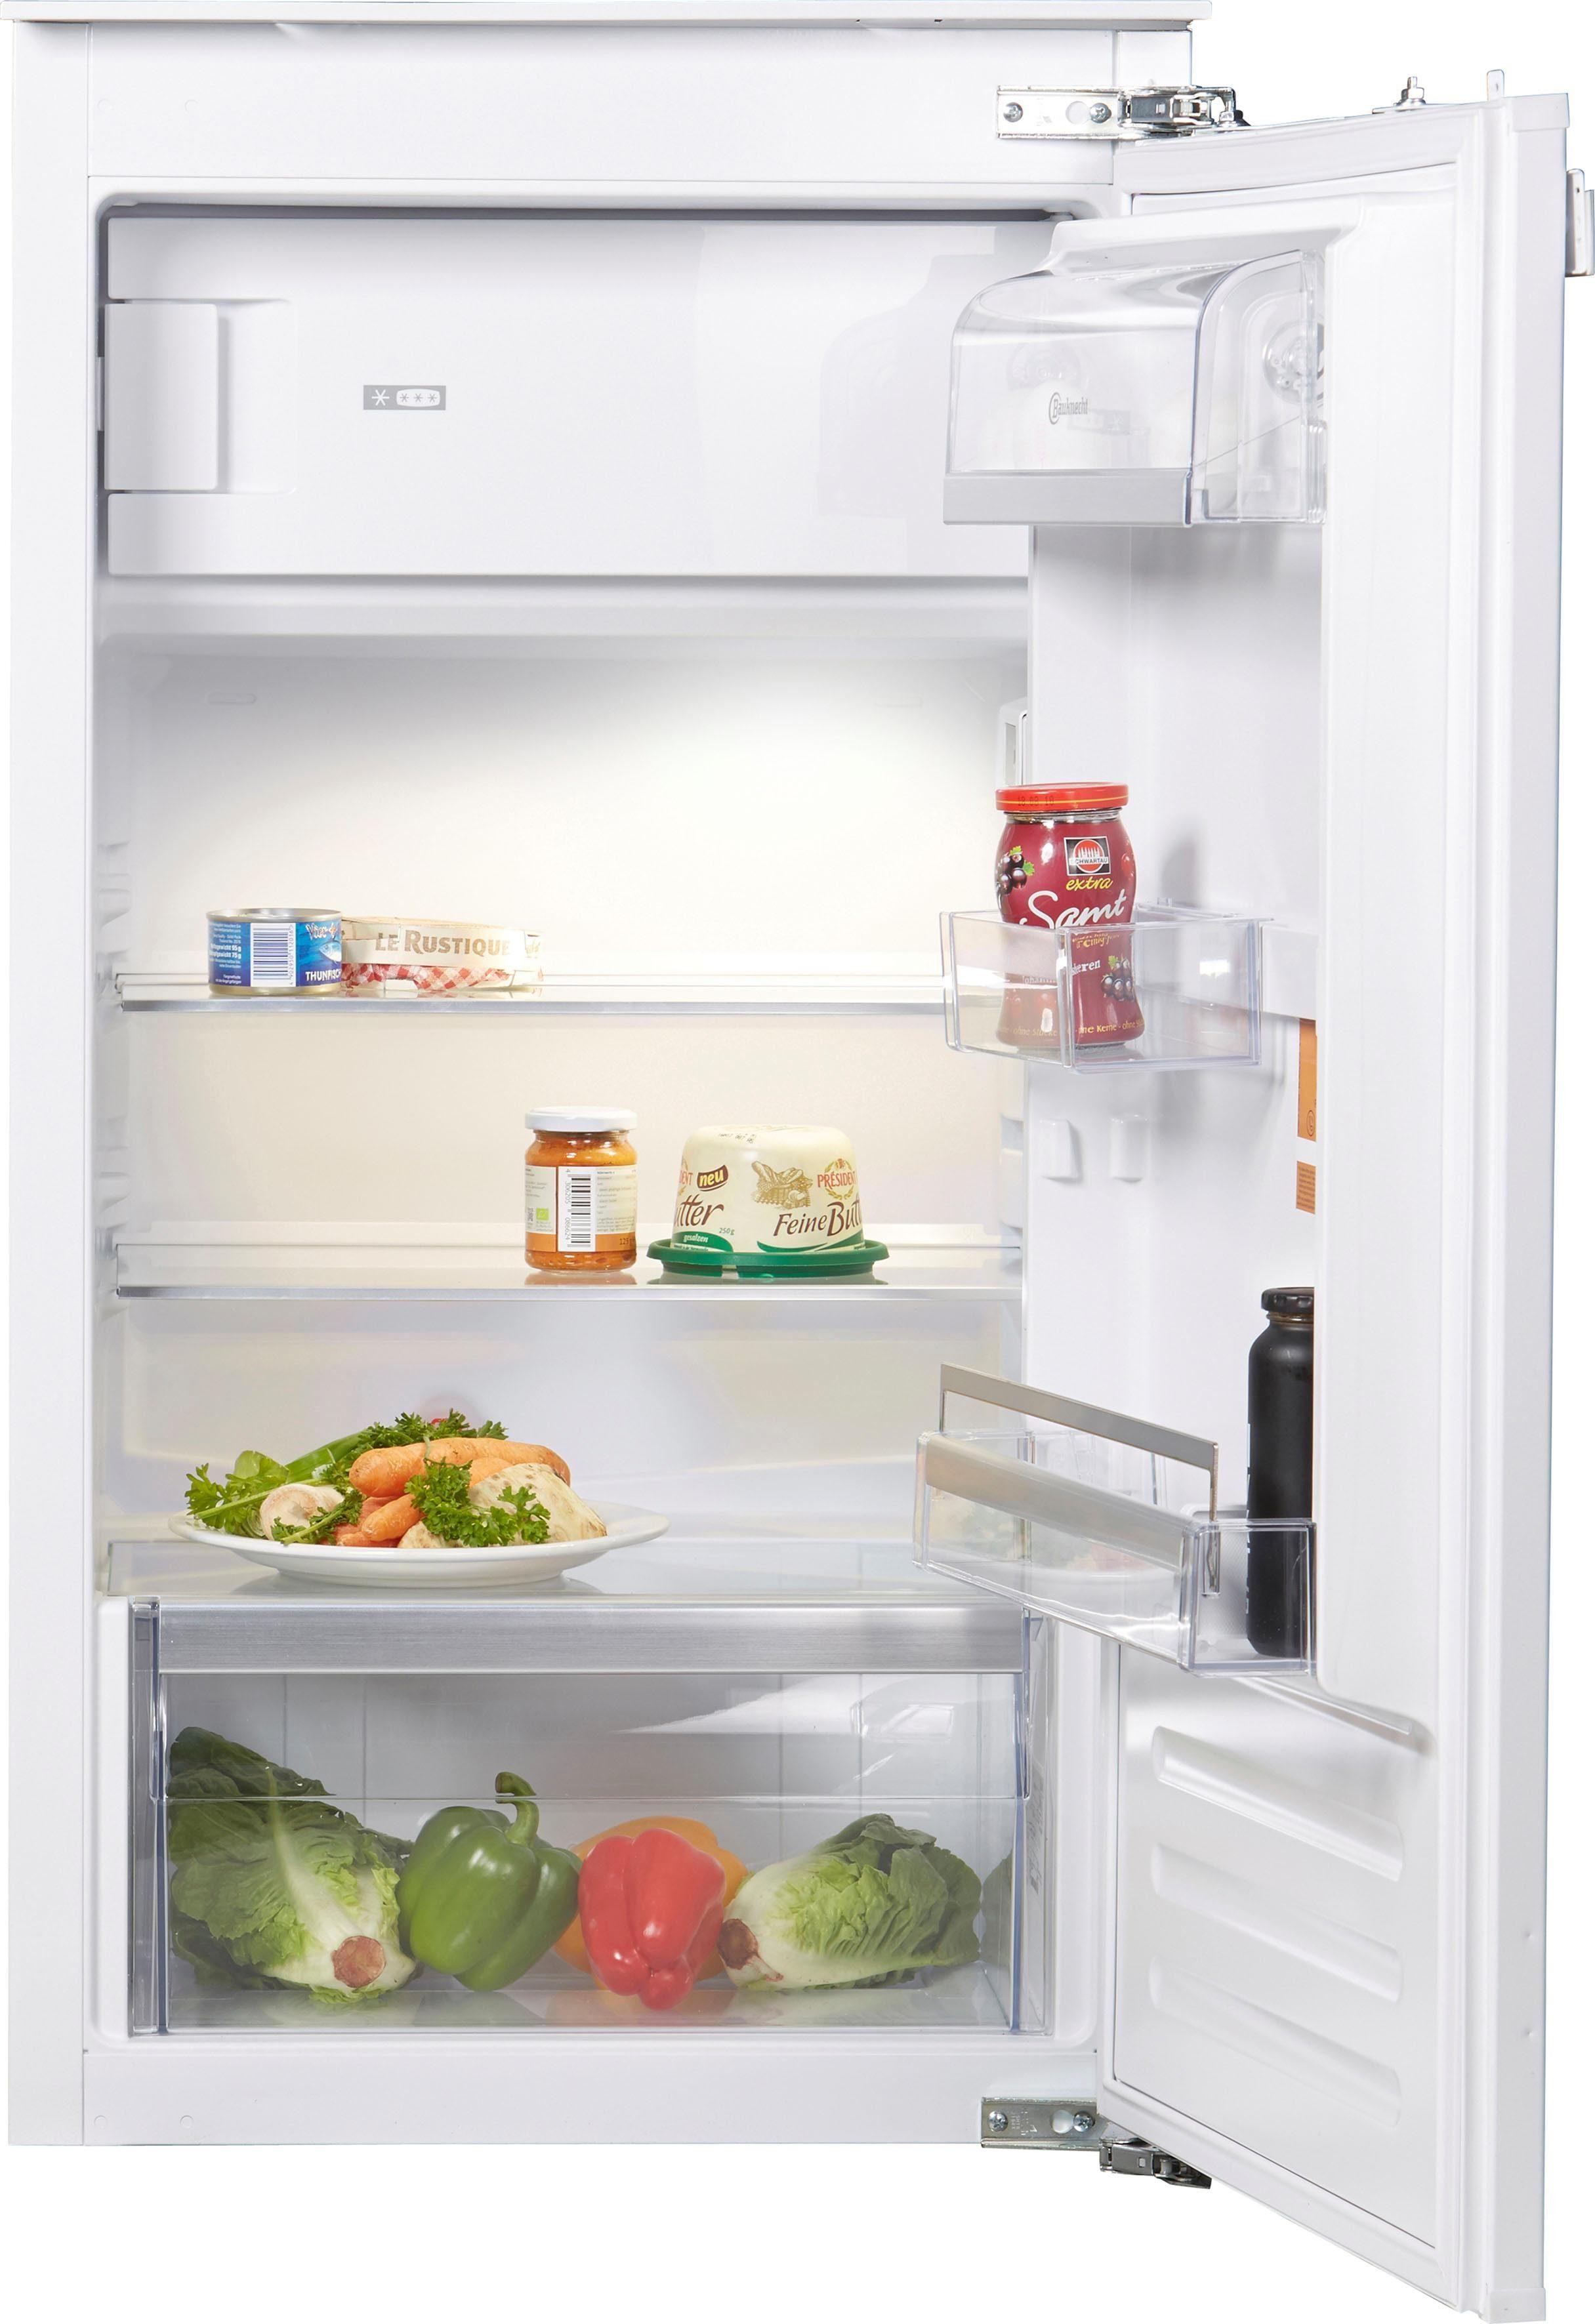 BAUKNECHT Einbaukühlschrank KVIE 1103 A++, 102,1 cm hoch, 55,7 cm breit